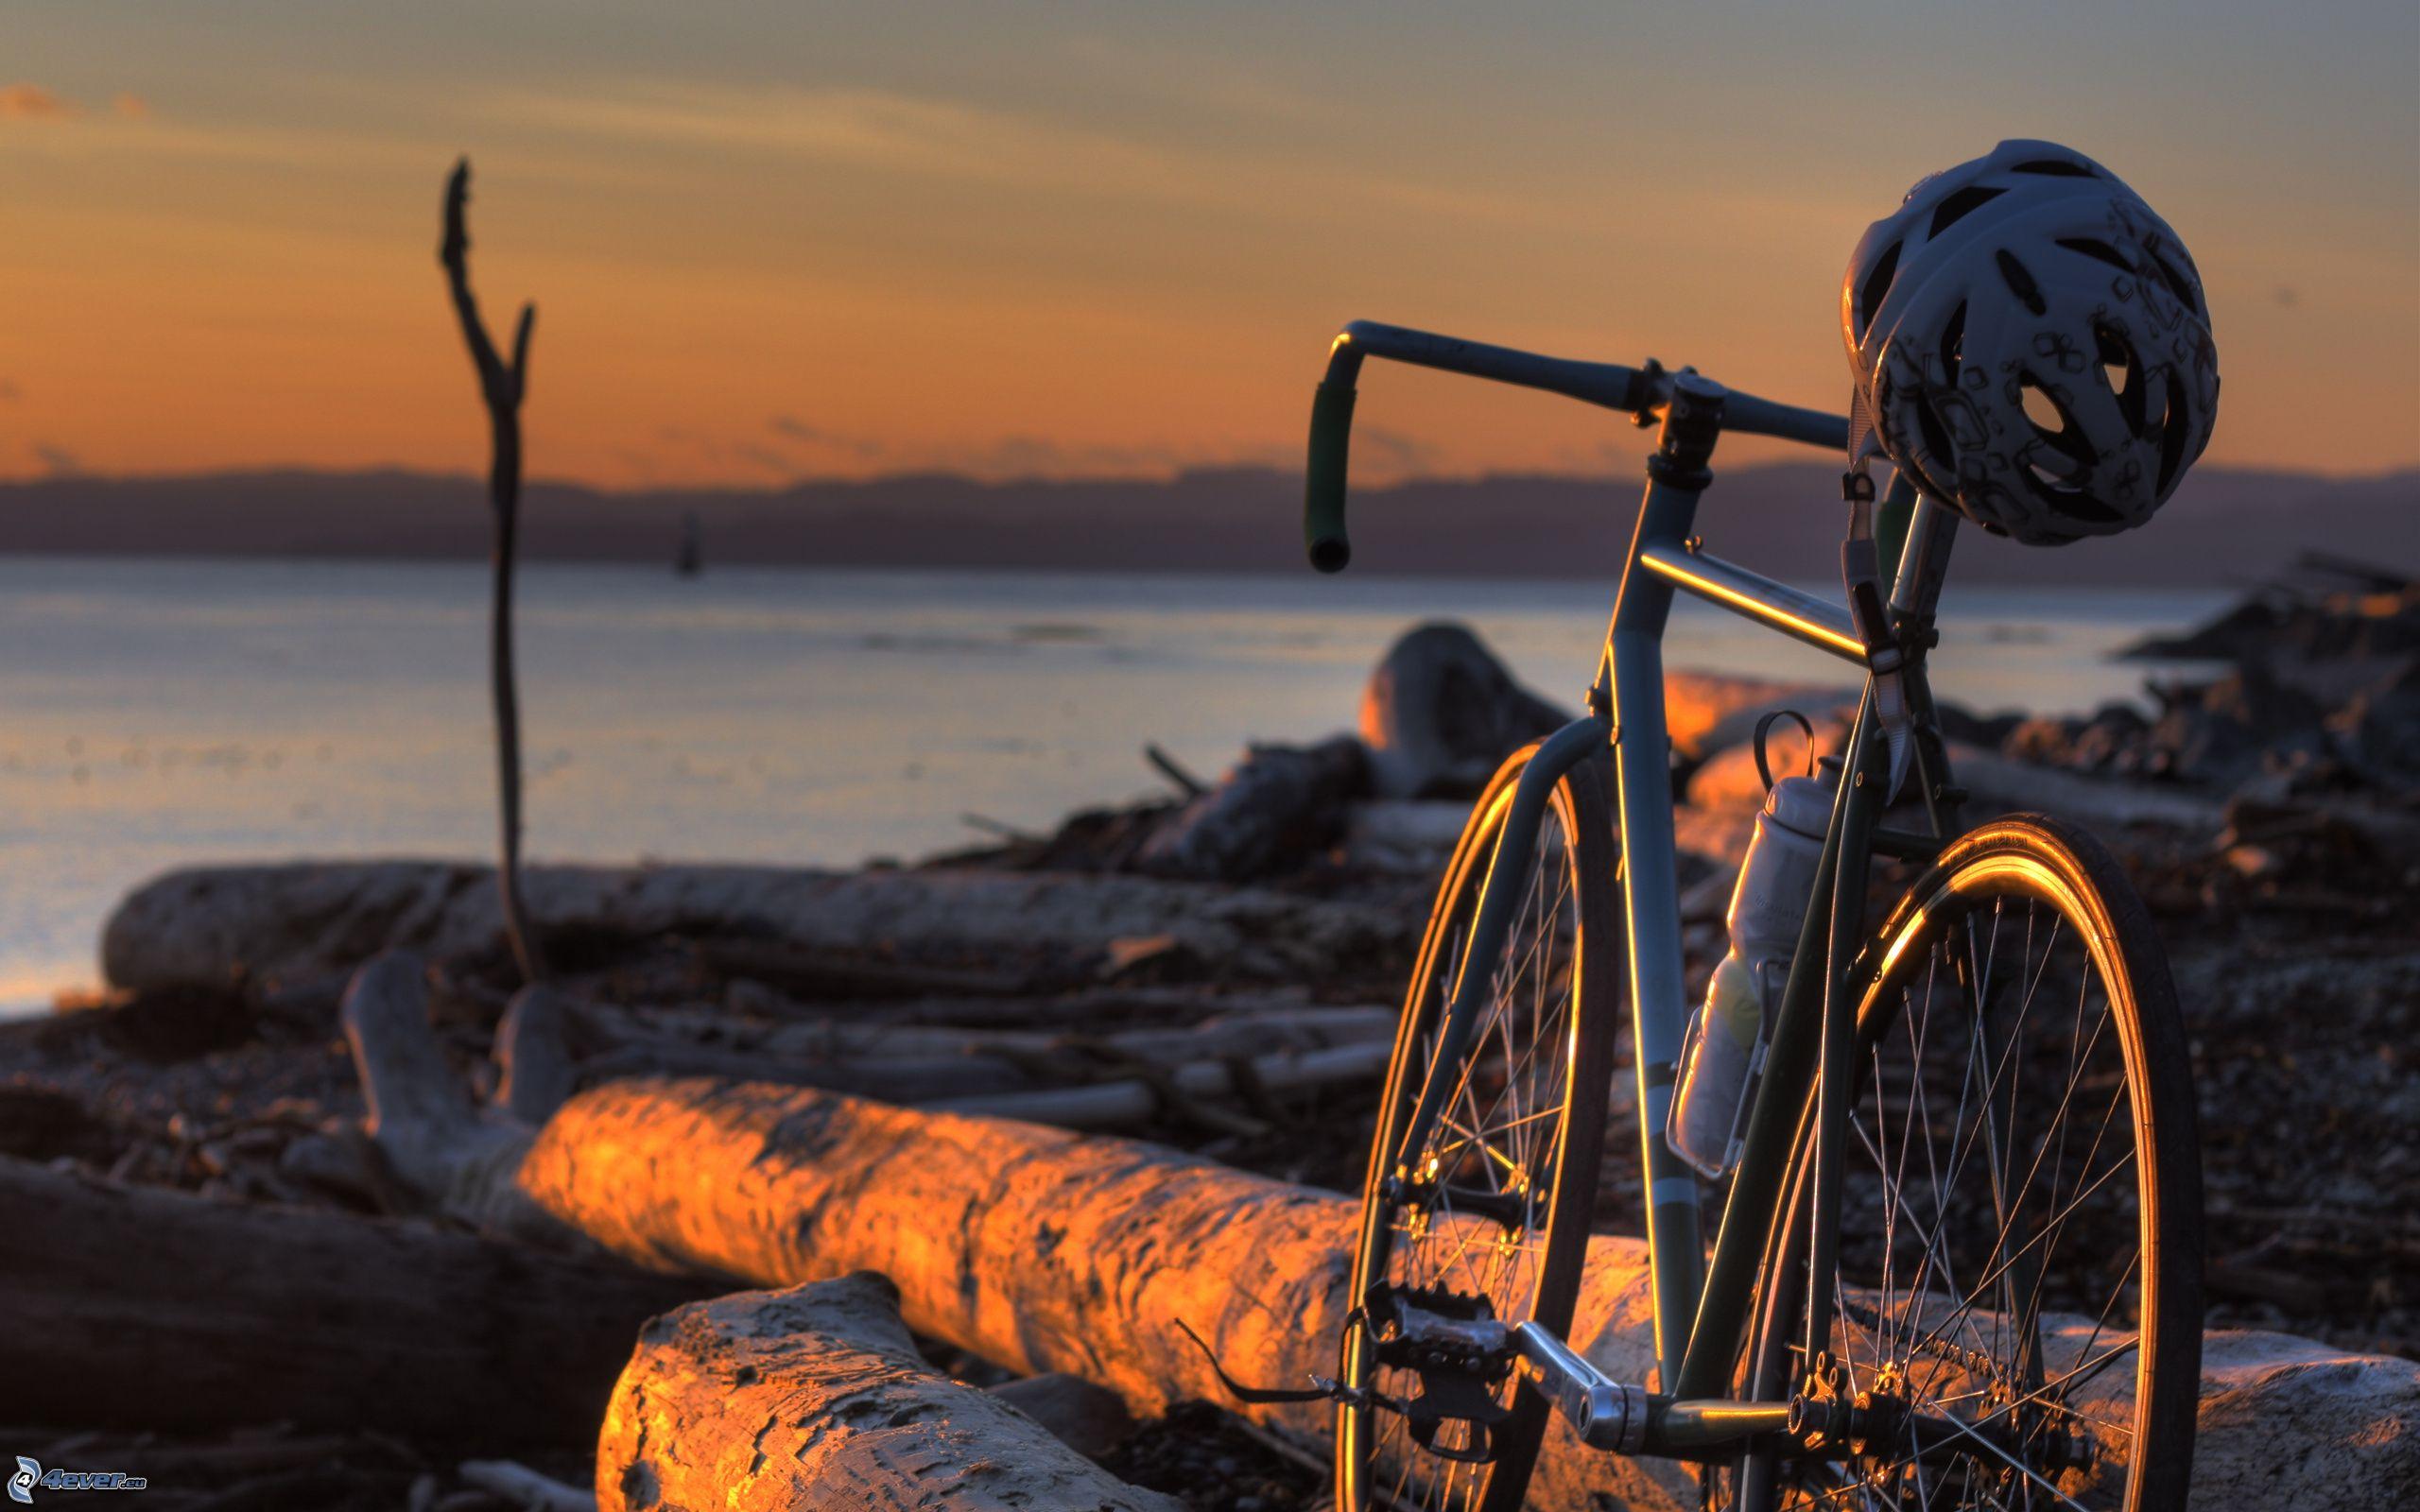 vendere bici usate